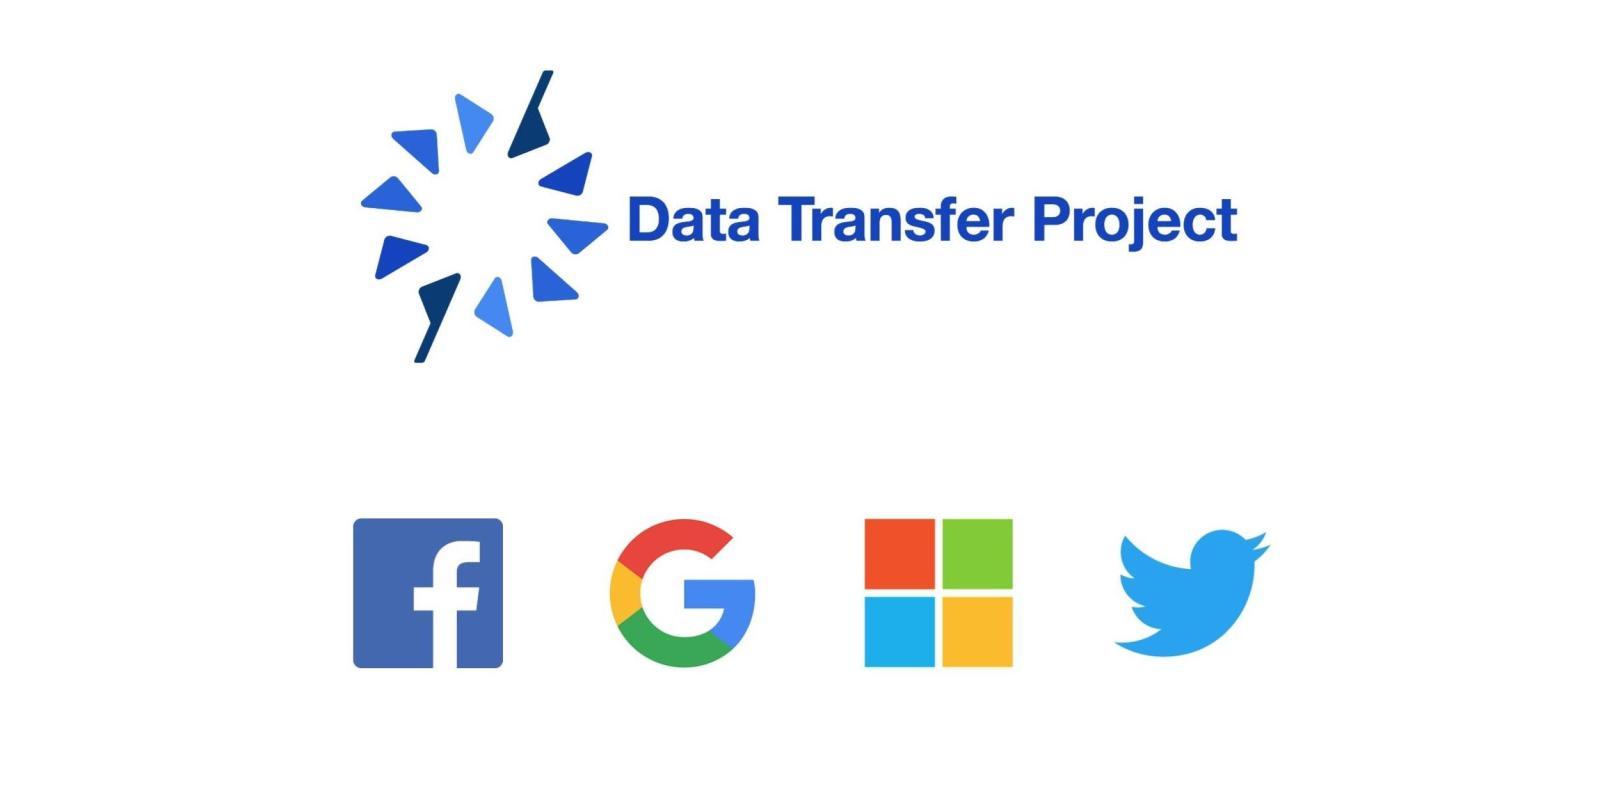 Facebook, Google, Microsoft и Twitter объединились для создания нового способа передачи данных